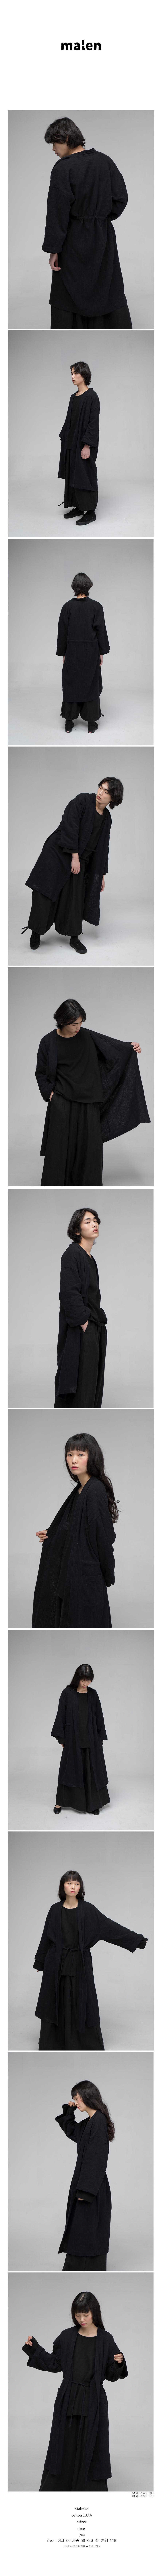 말렌(MALEN) unisex vintage robe black